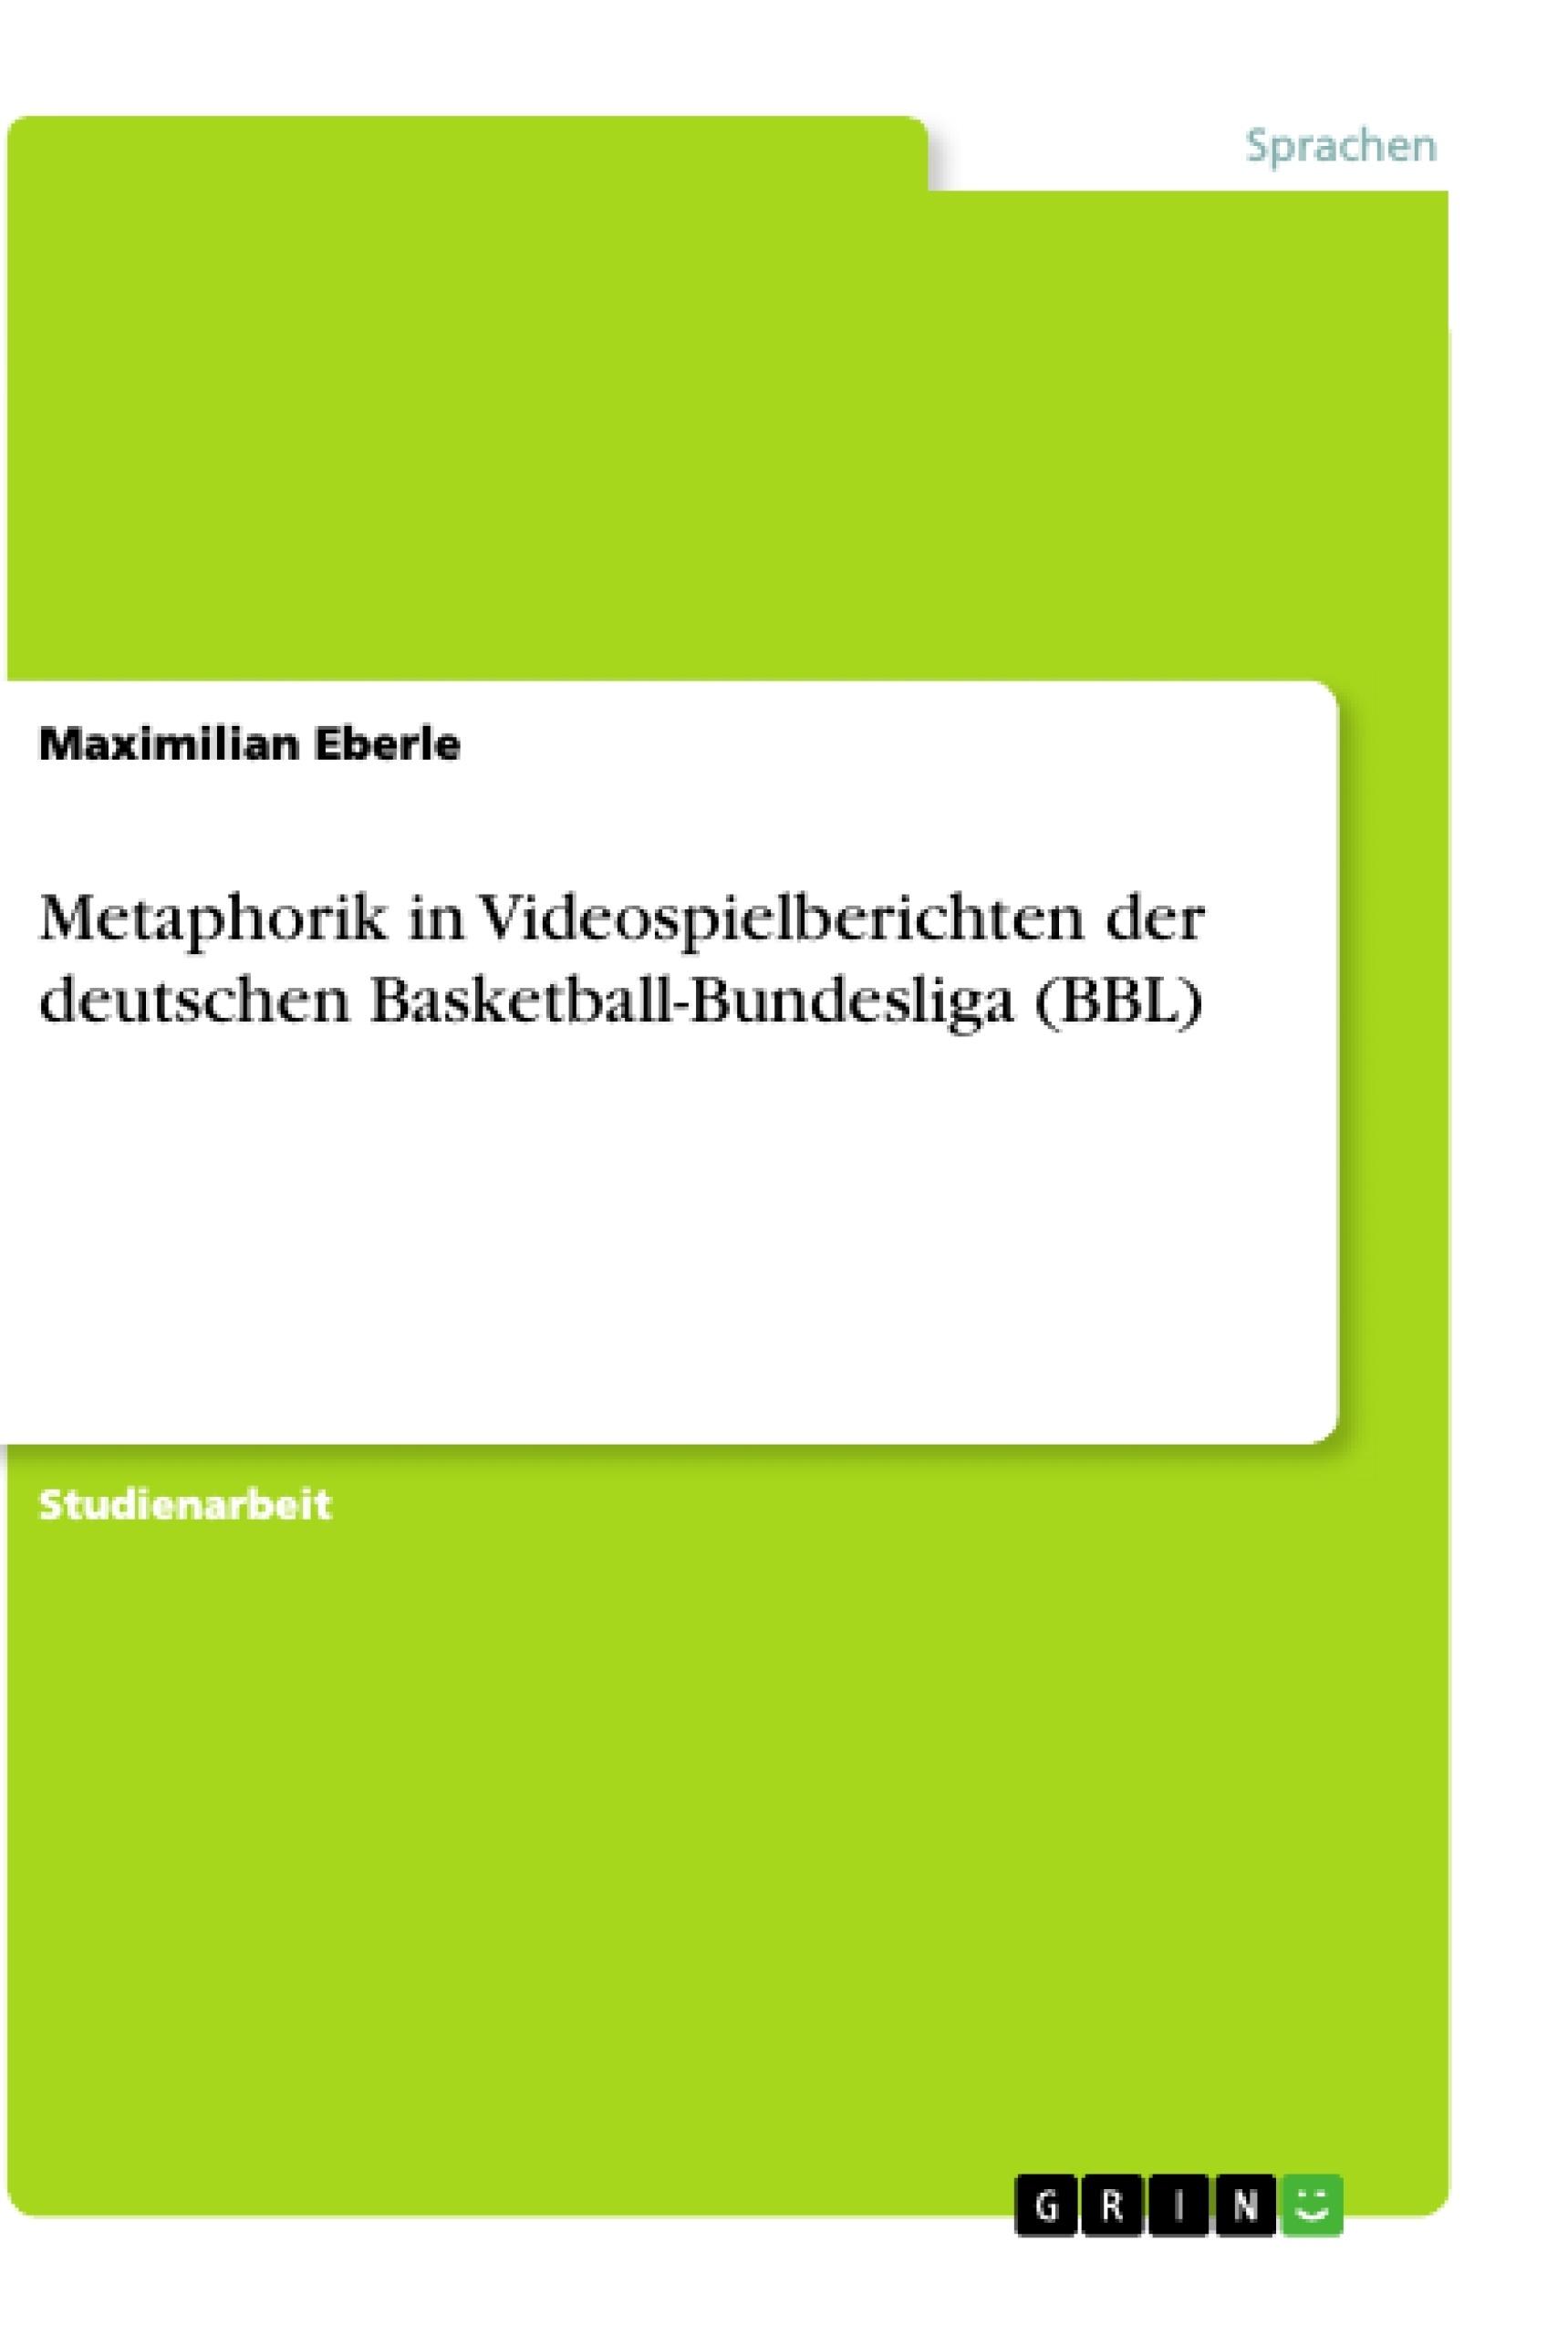 Titel: Metaphorik in Videospielberichten der deutschen Basketball-Bundesliga (BBL)